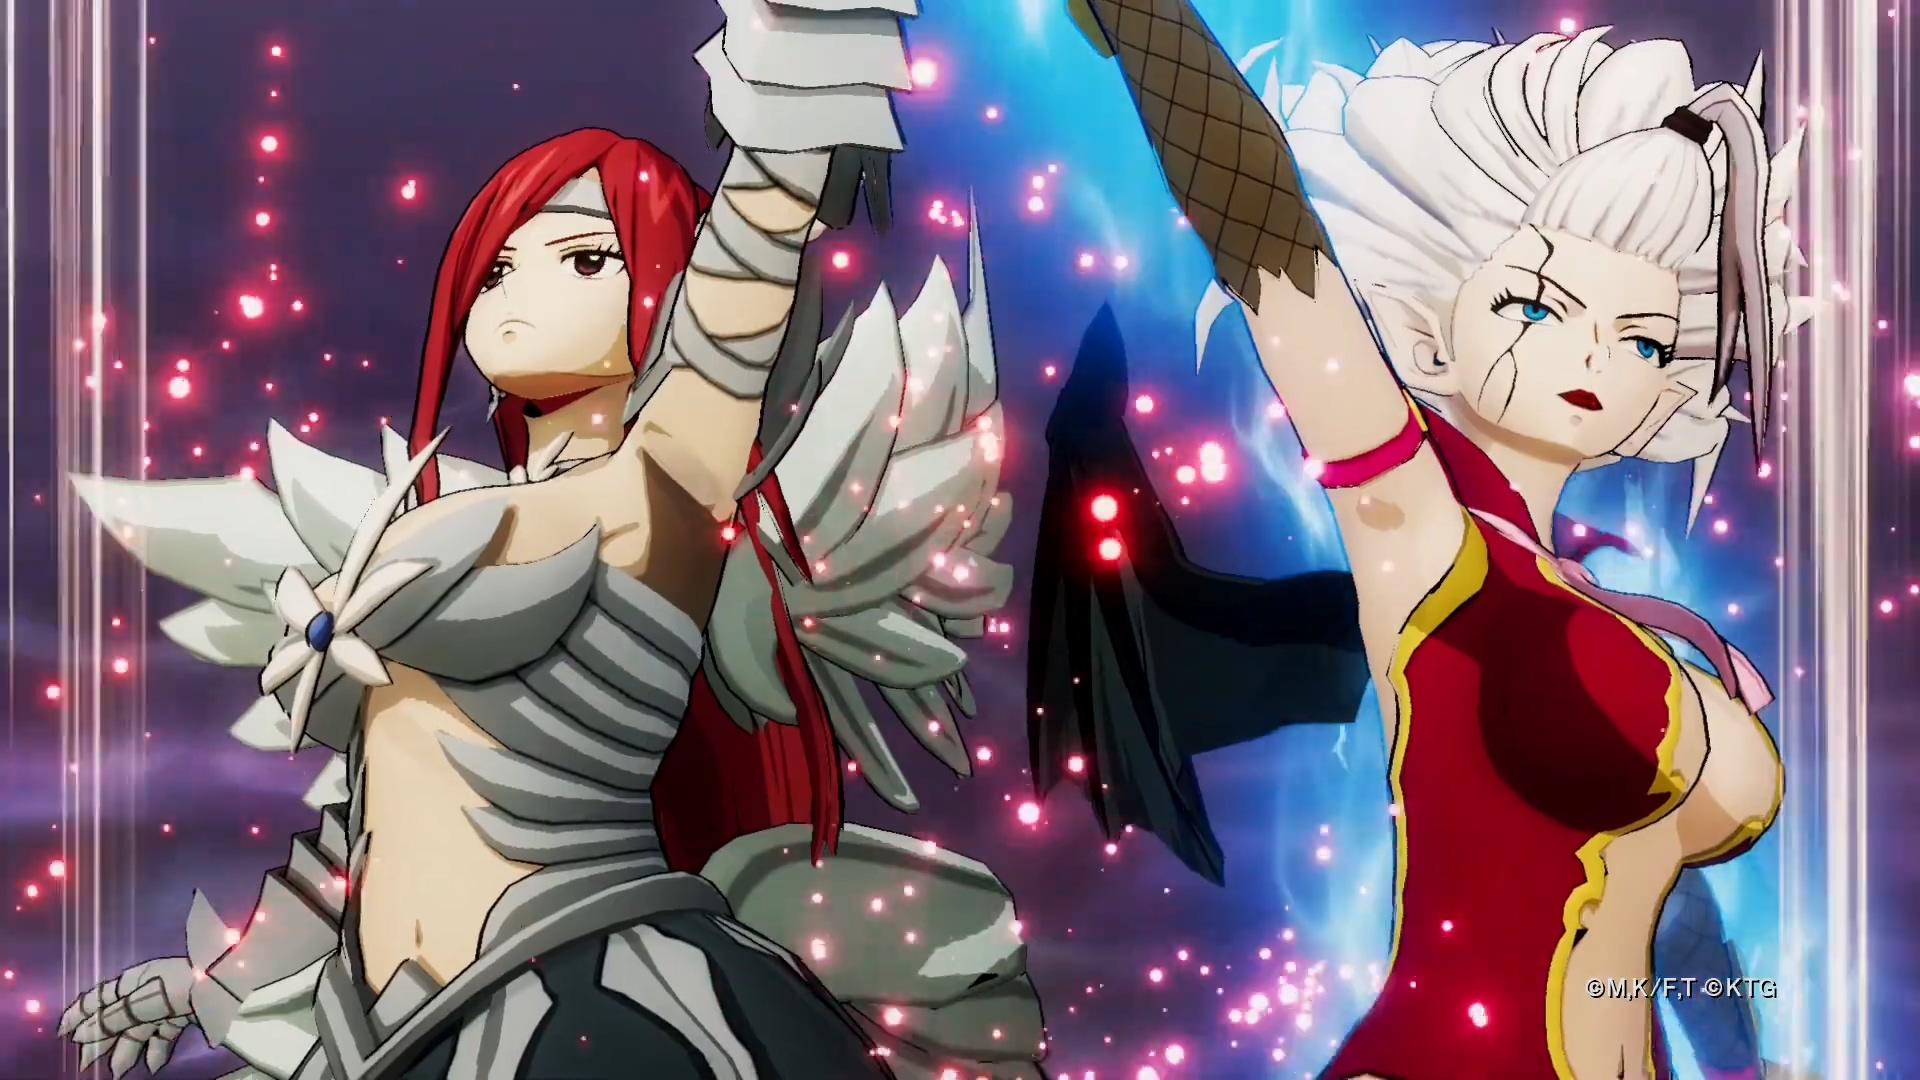 《妖精的尾巴》新演示:艾尔莎、米拉珍发动合